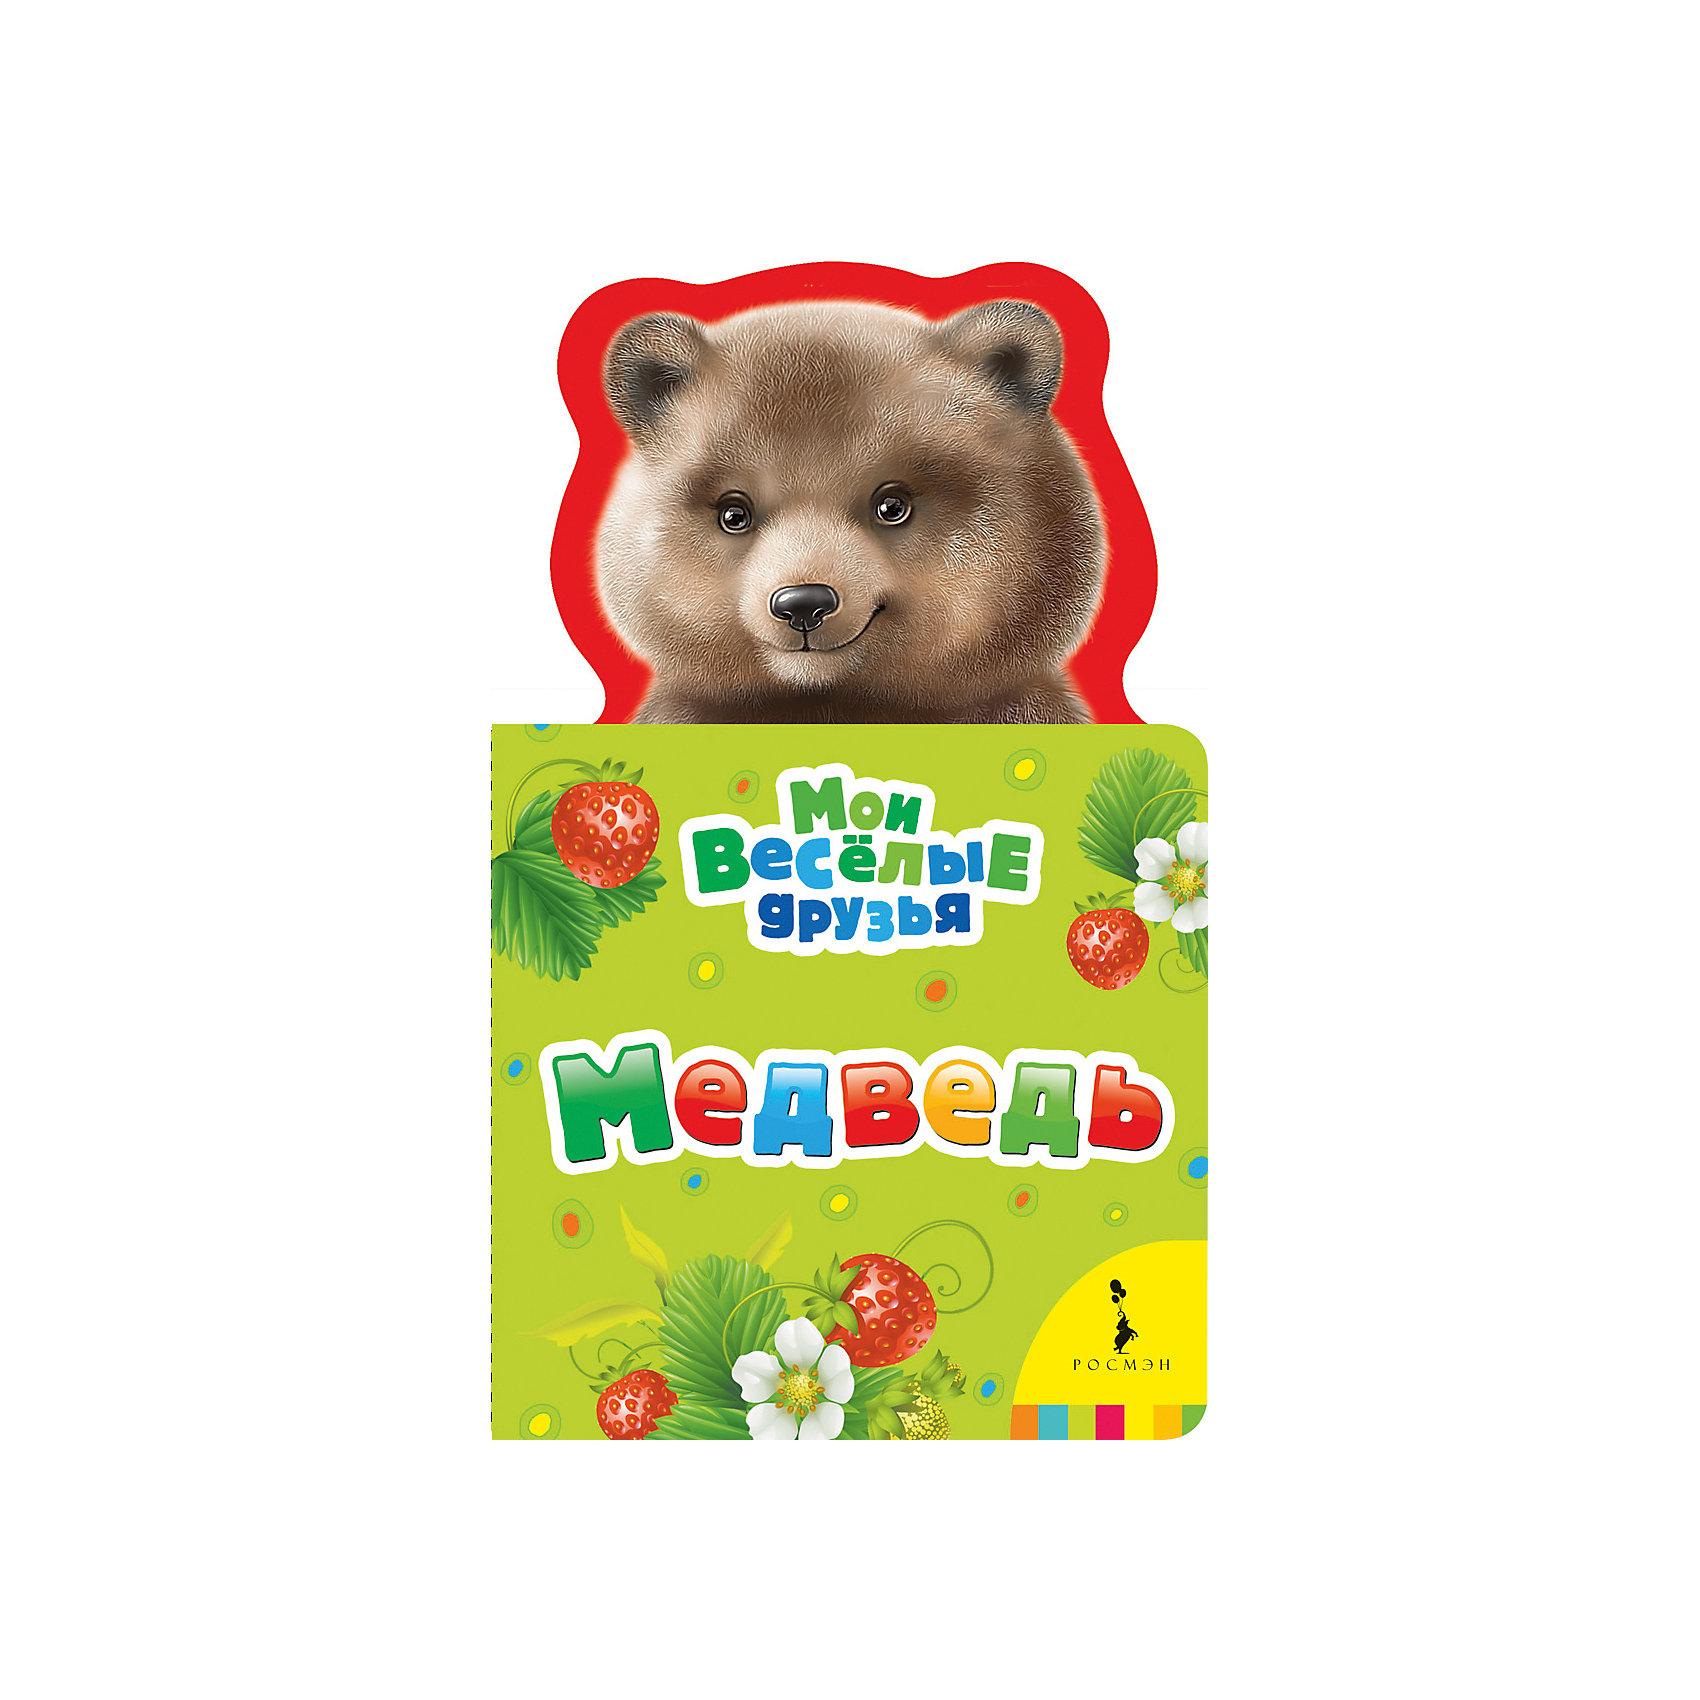 Росмэн Медведь (Мои веселые друзья) росмэн книжка раскладушка колыбельные веселые гармошки